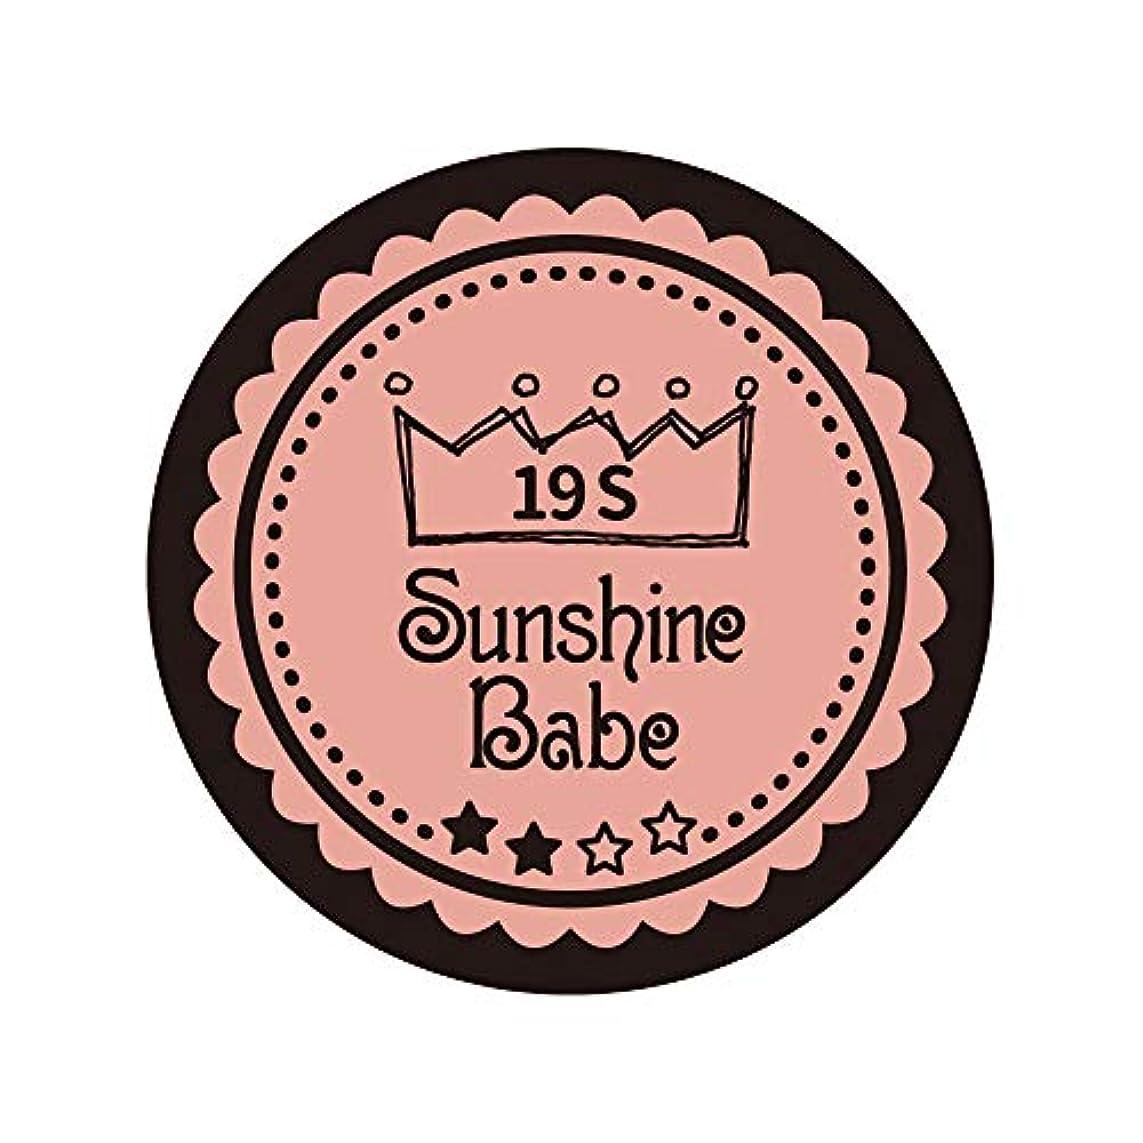 規範教義フォアマンSunshine Babe カラージェル 19S ローズカシュ 2.7g UV/LED対応